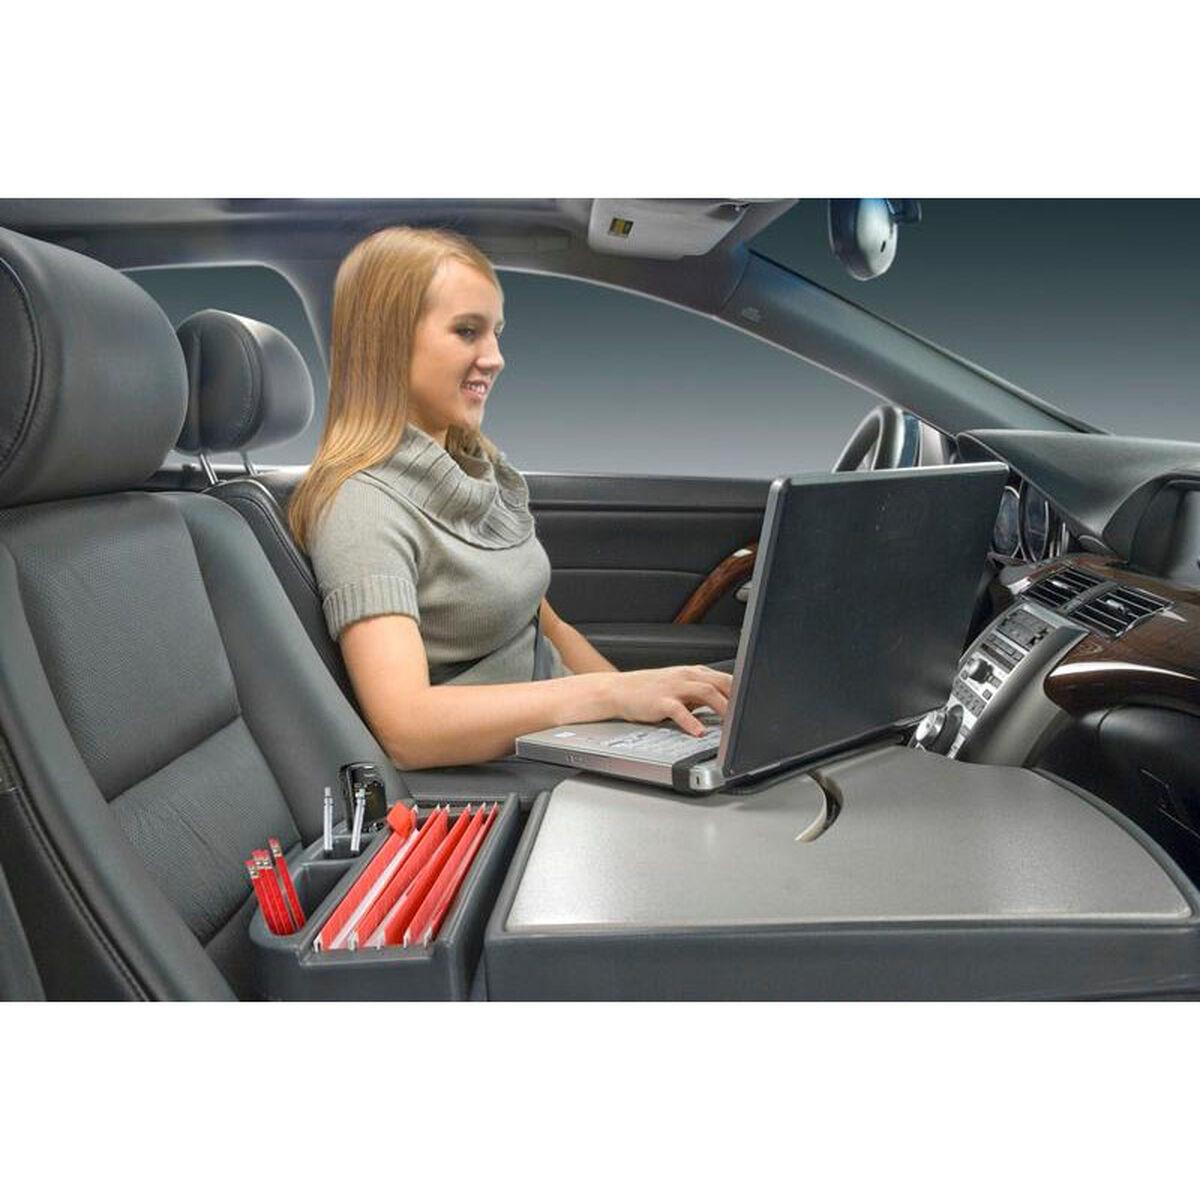 Autoexec Roadcar 01 Aut Bizchair Com